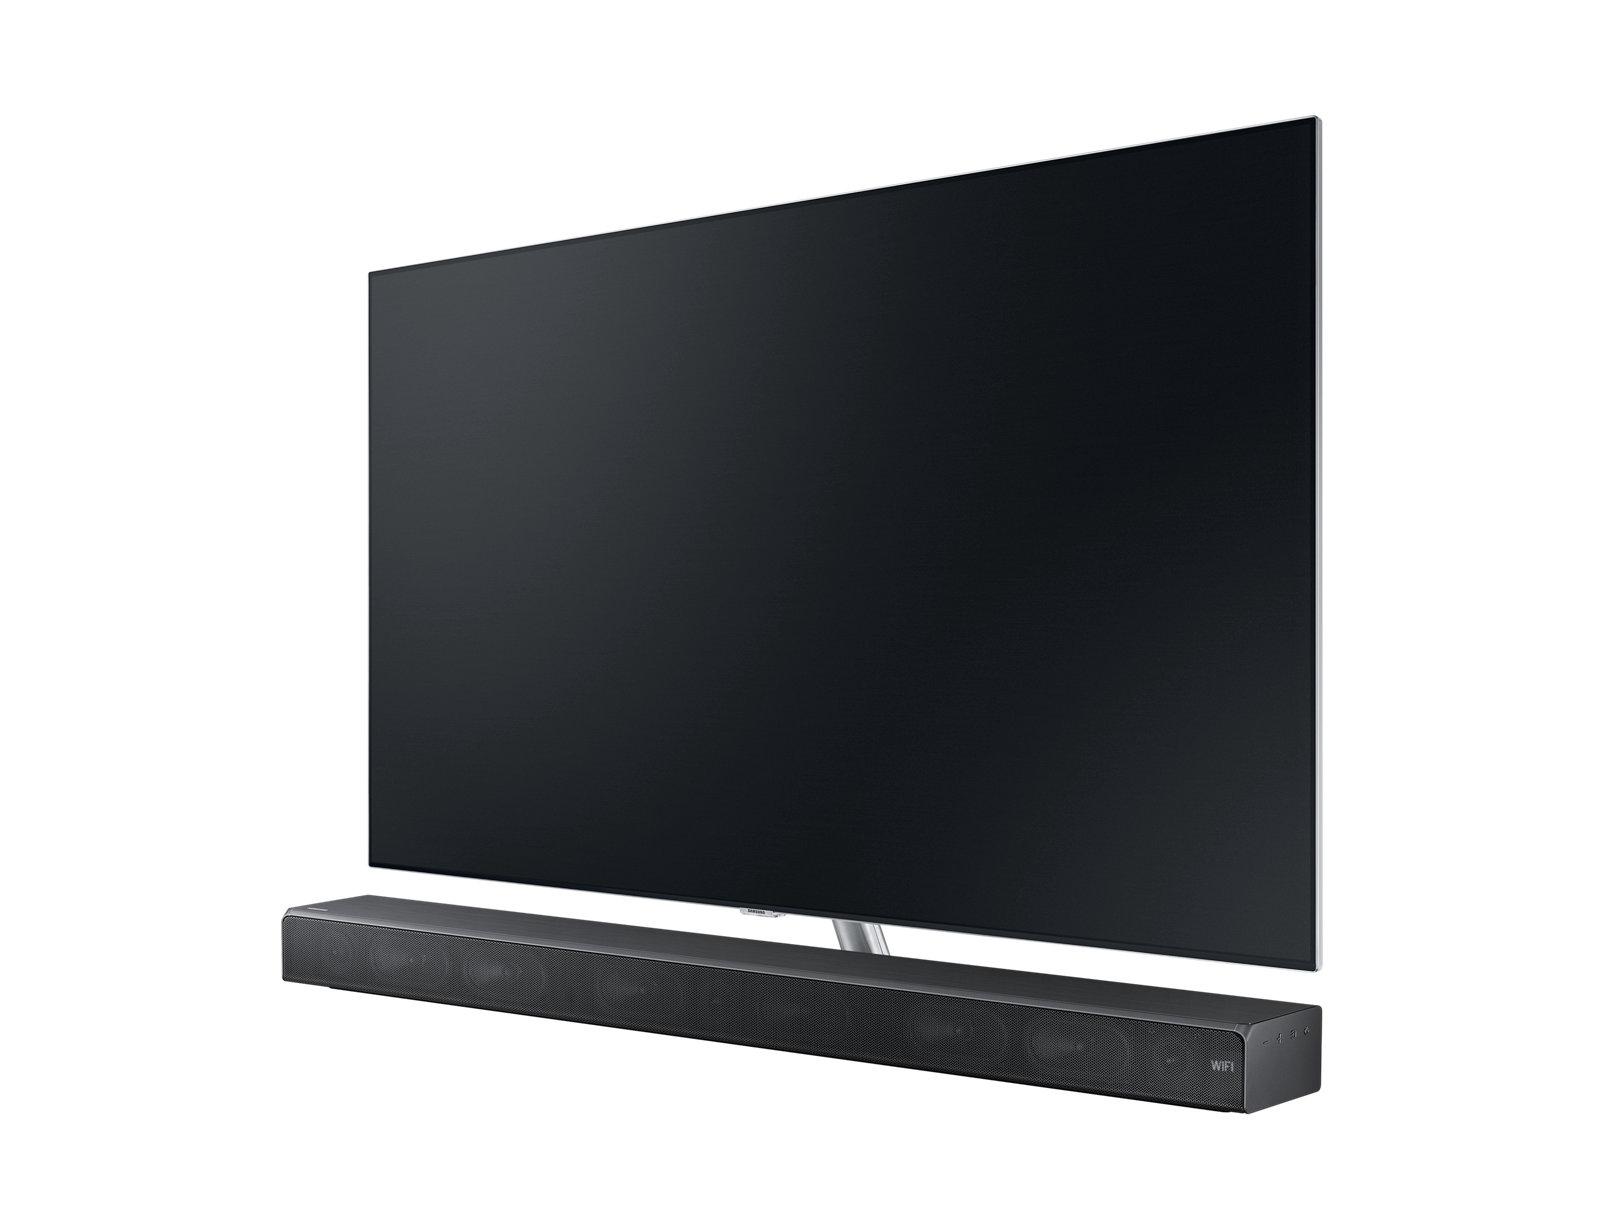 Samsunga HW-MS650